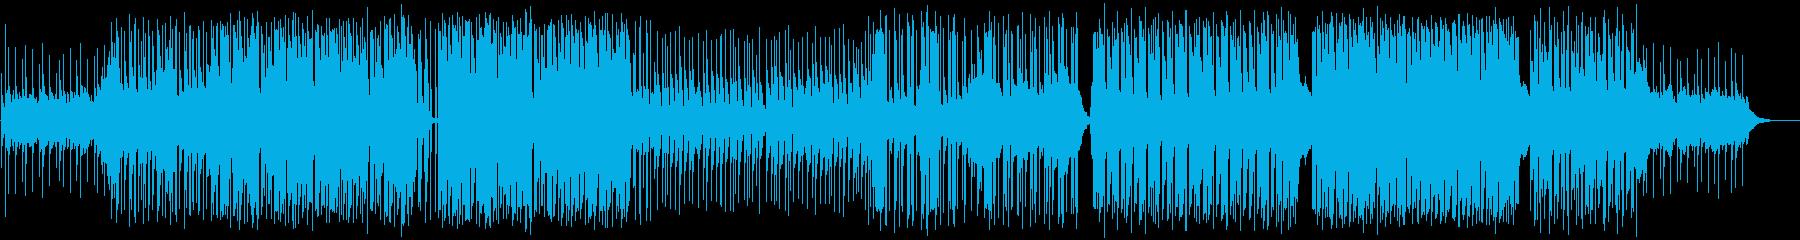 YMO風シンセ遊び。ゆったりとしたBGMの再生済みの波形